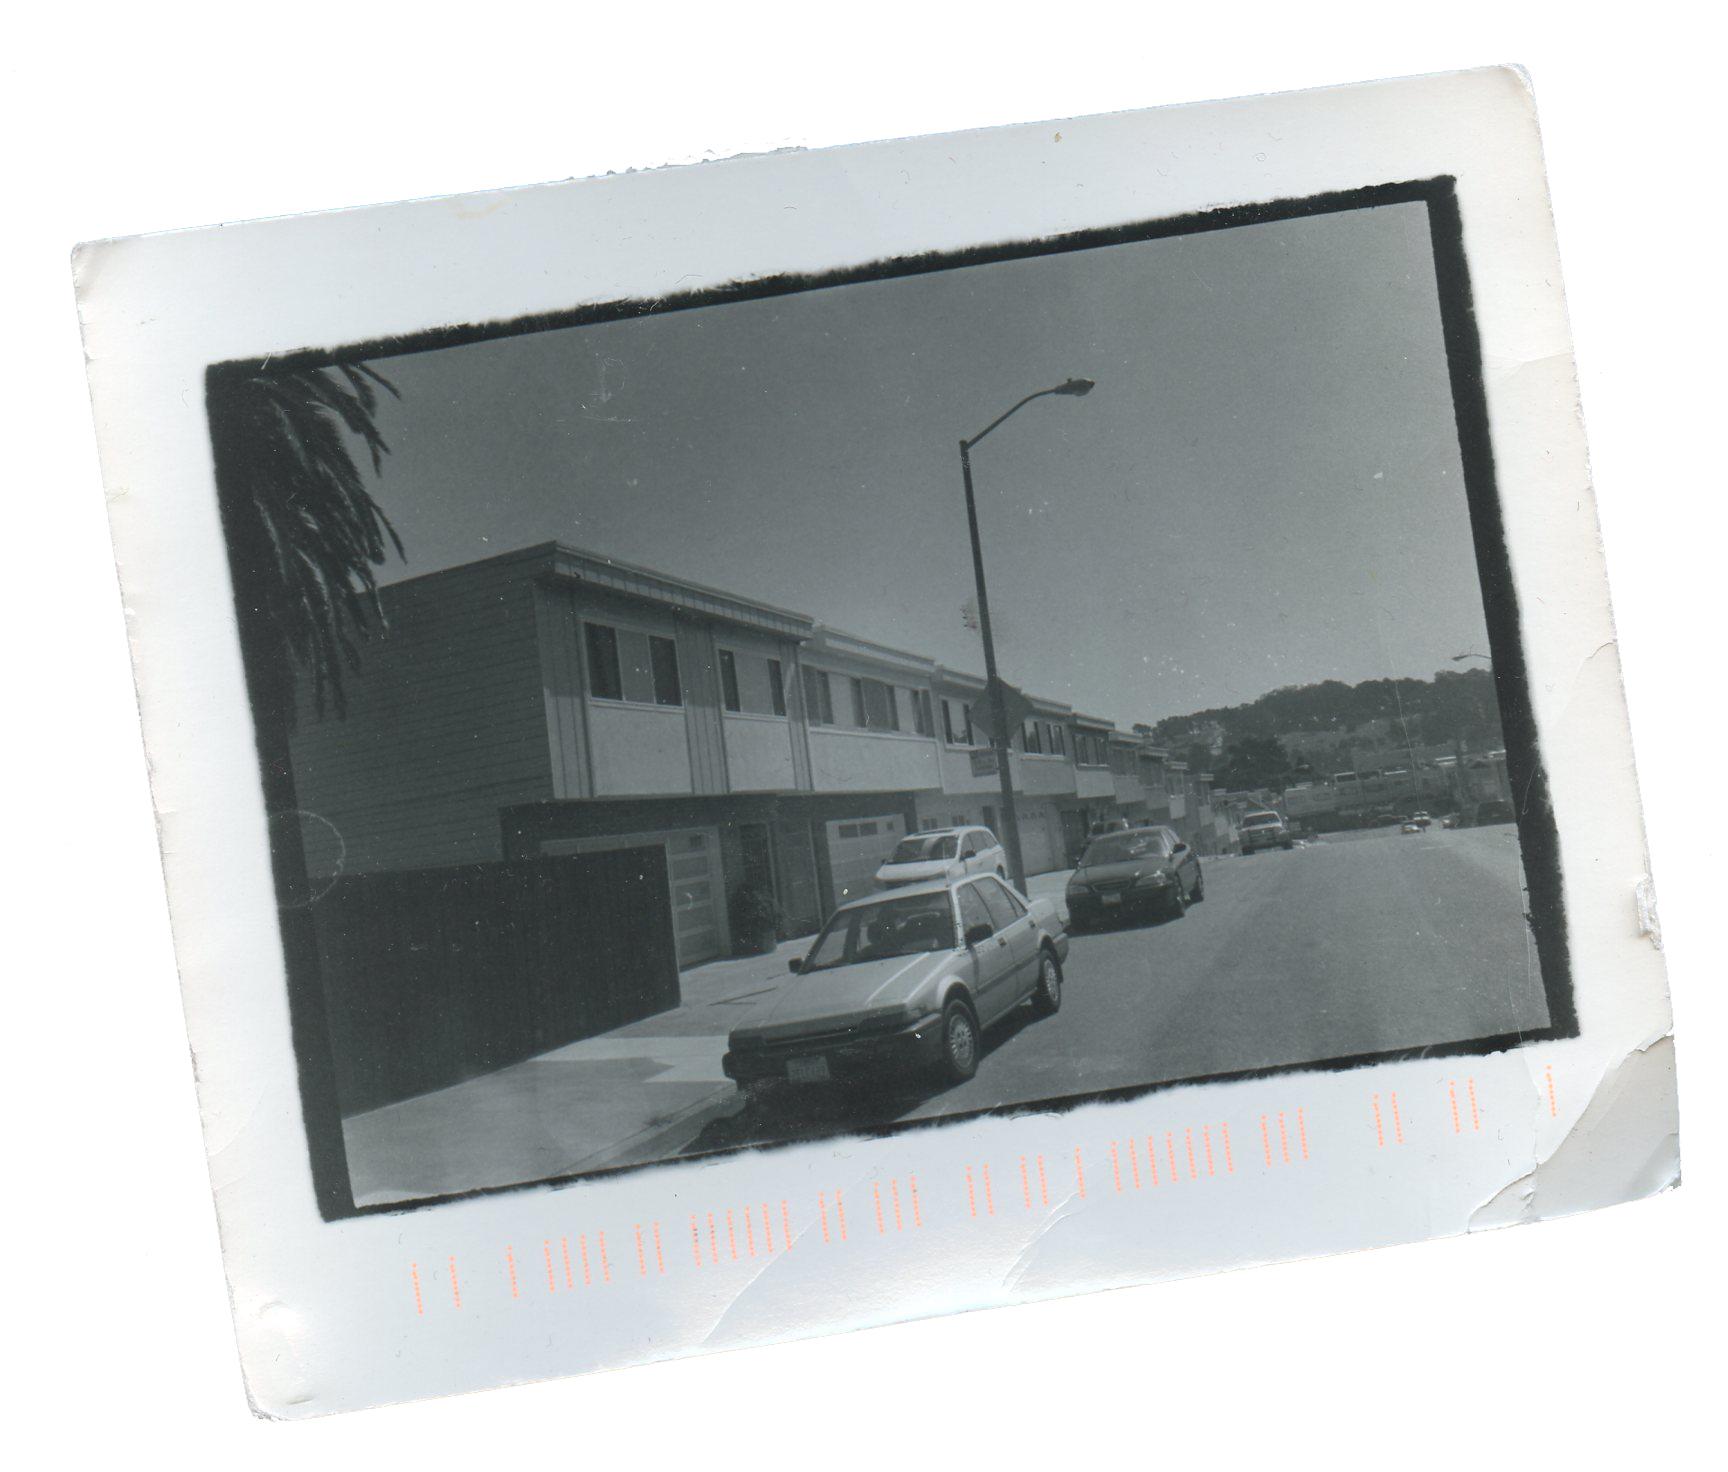 fpv013.jpg